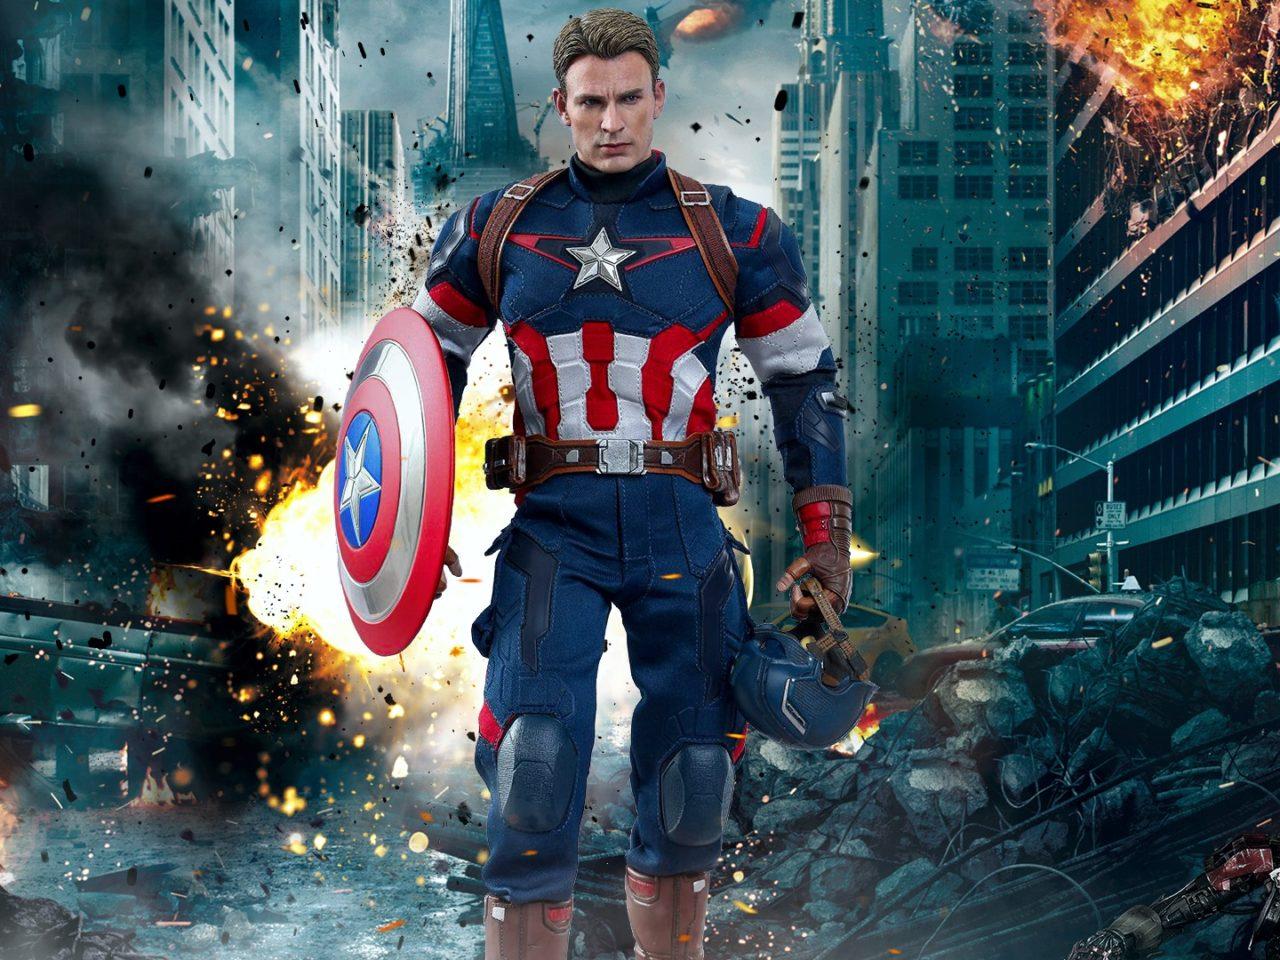 Hulk Wallpaper Iphone X Marvel Captain America Chris Evans The Avengers Age Of